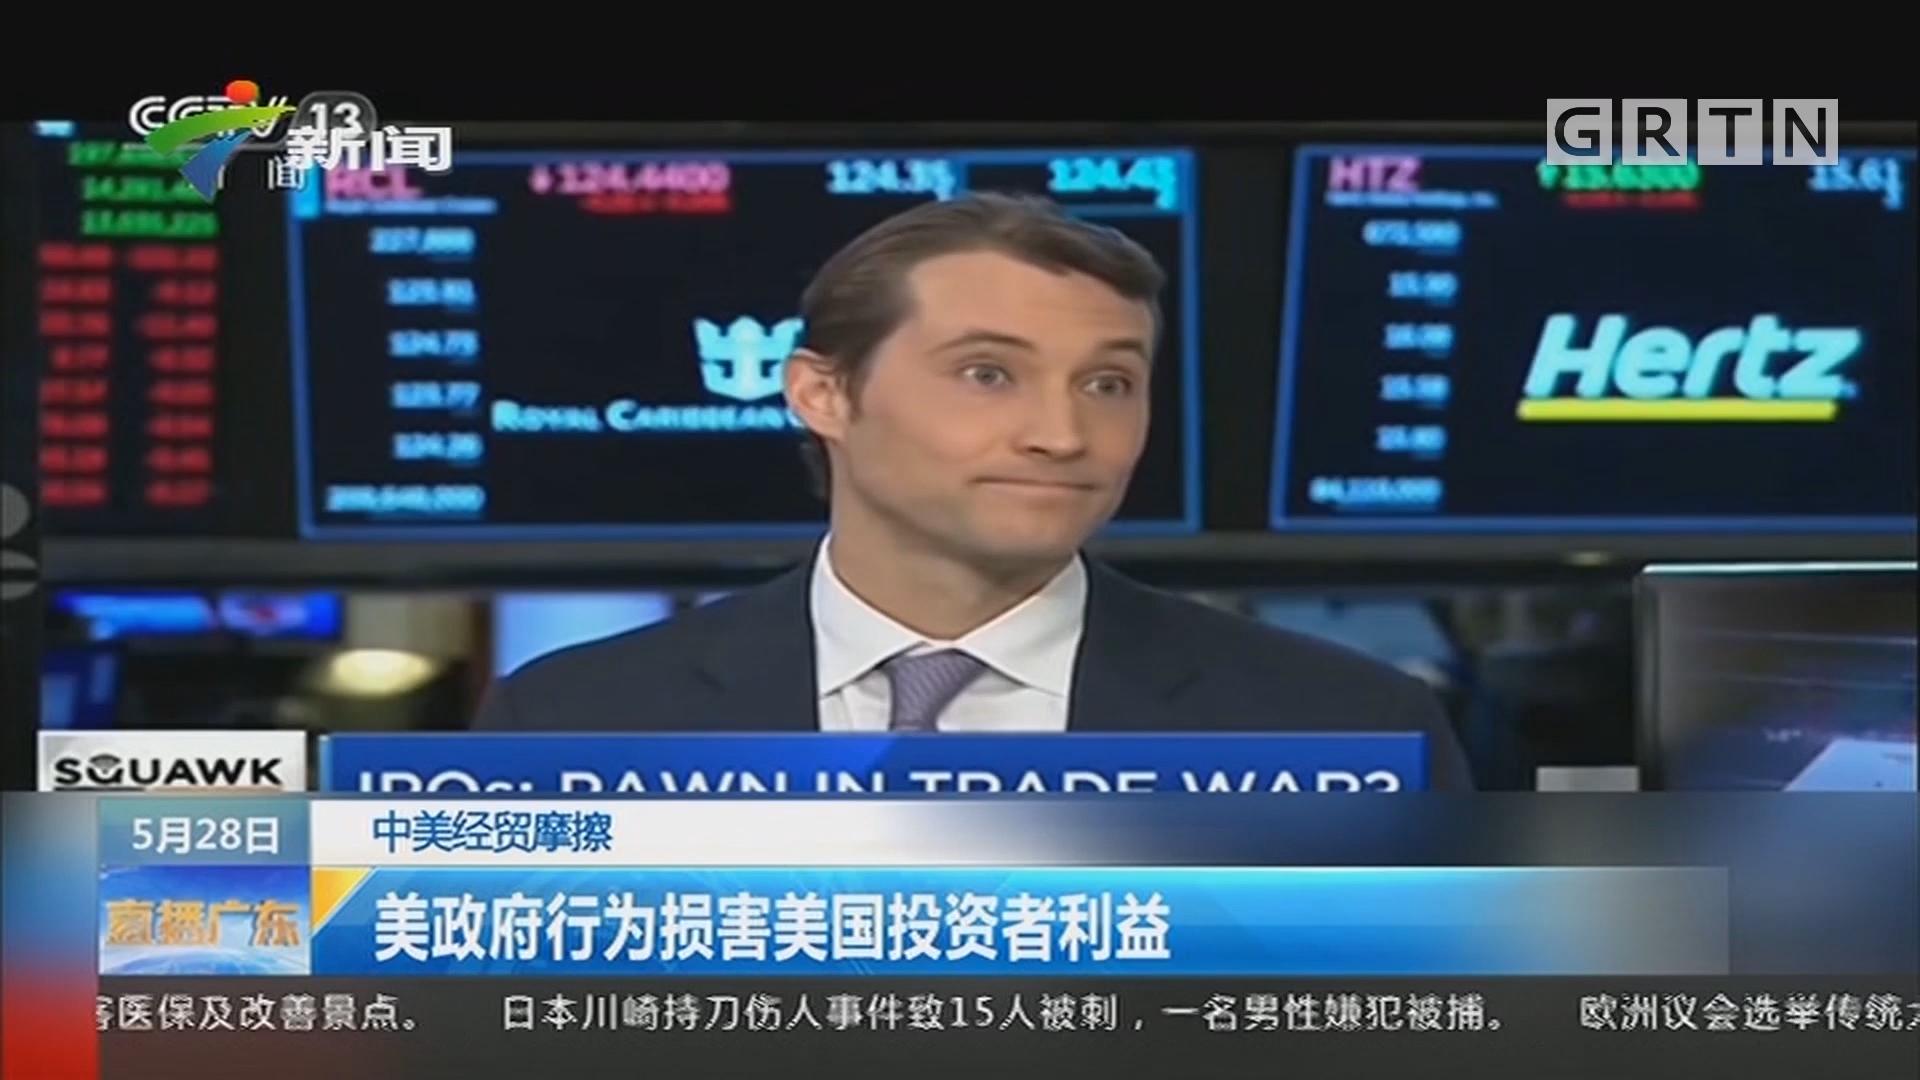 中美经贸摩擦:美政府行为损害美国投资者利益